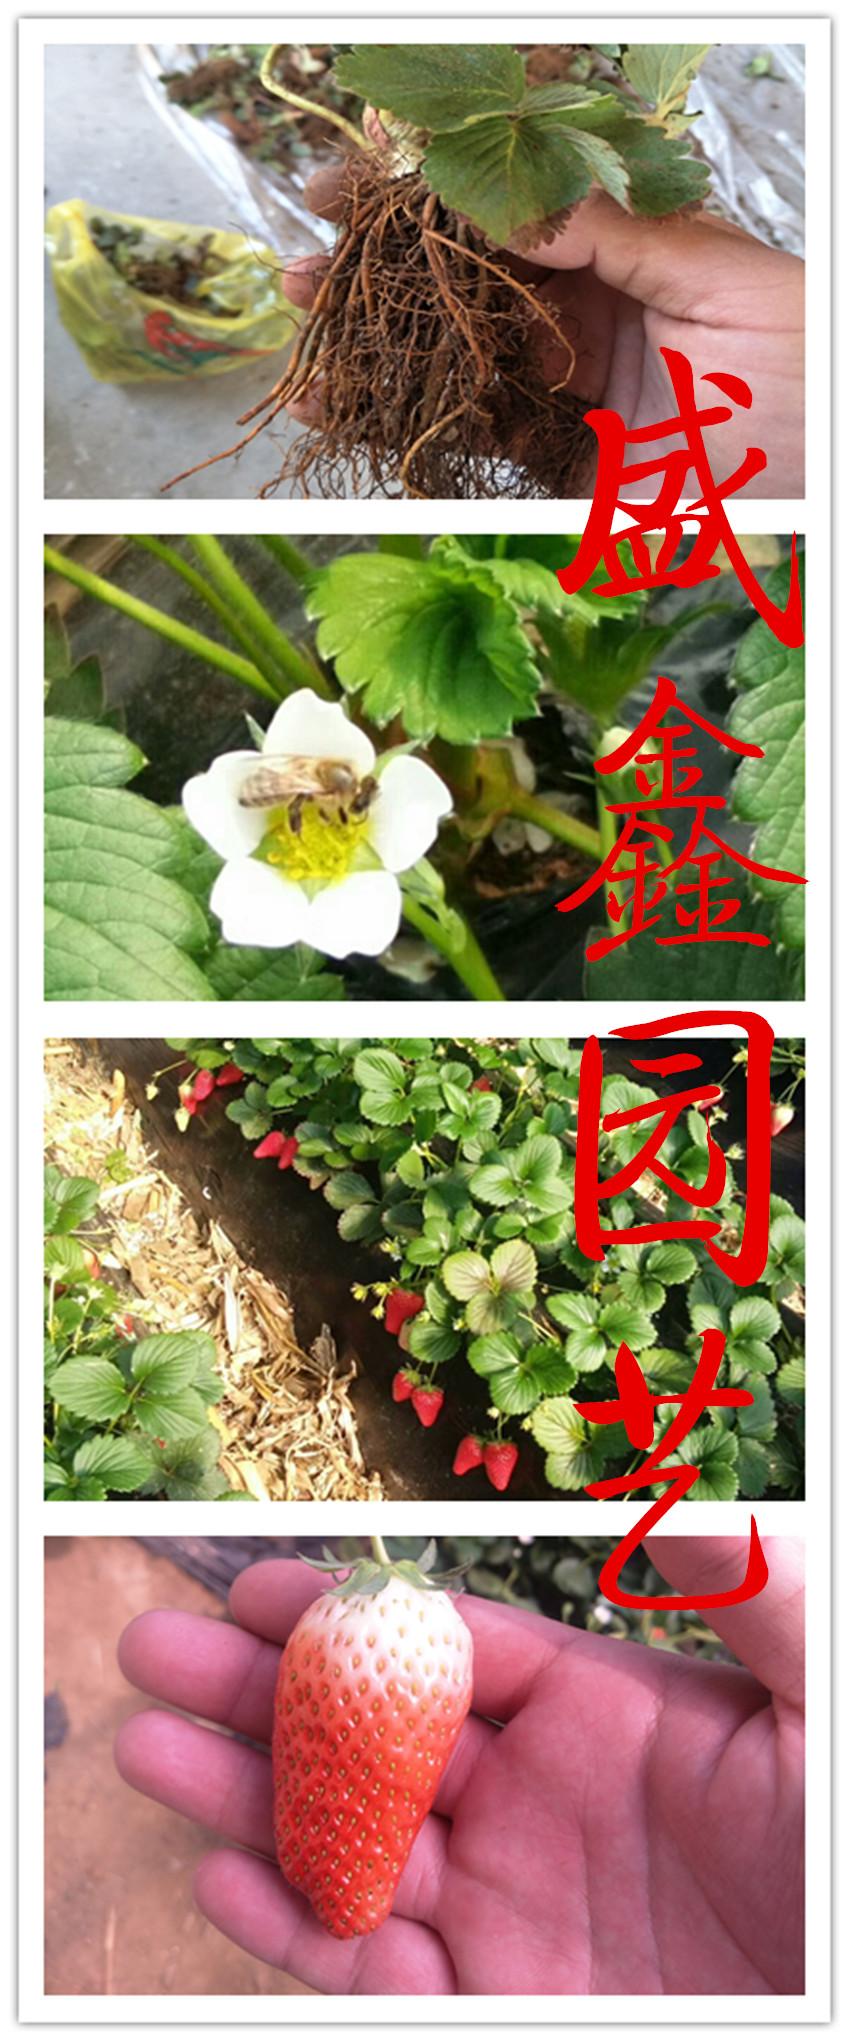 冬香草莓苗病虫害防治